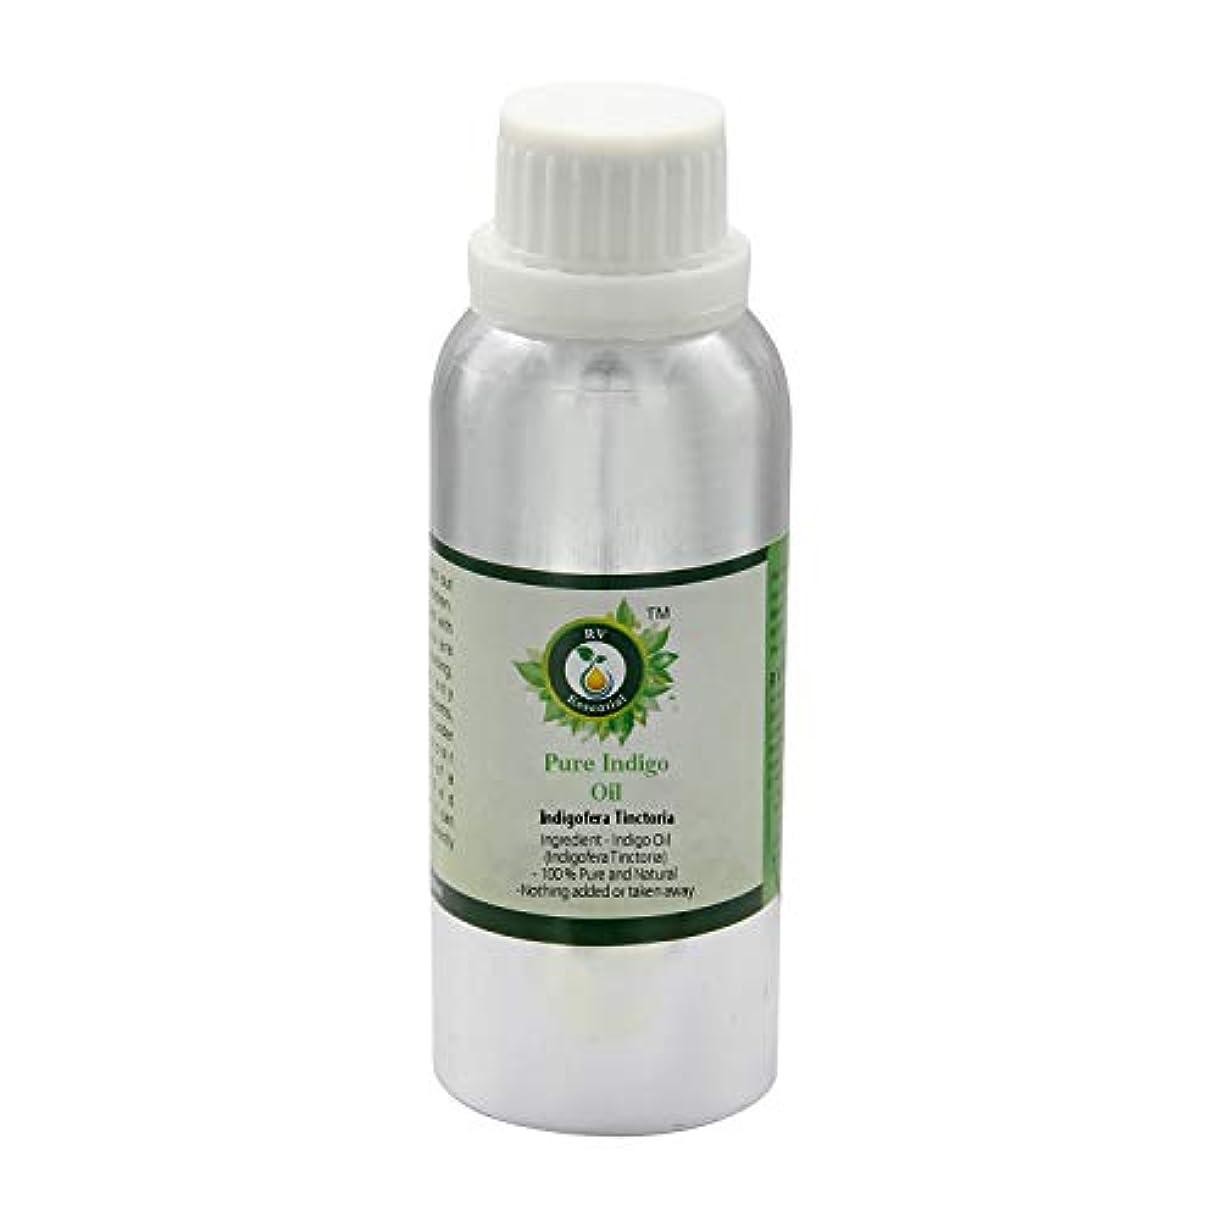 前書きアクセントゴミピュアインディゴオイル630ml (21oz)- Indigofera Tinctoria (100%純粋でナチュラル) Pure Indigo Oil